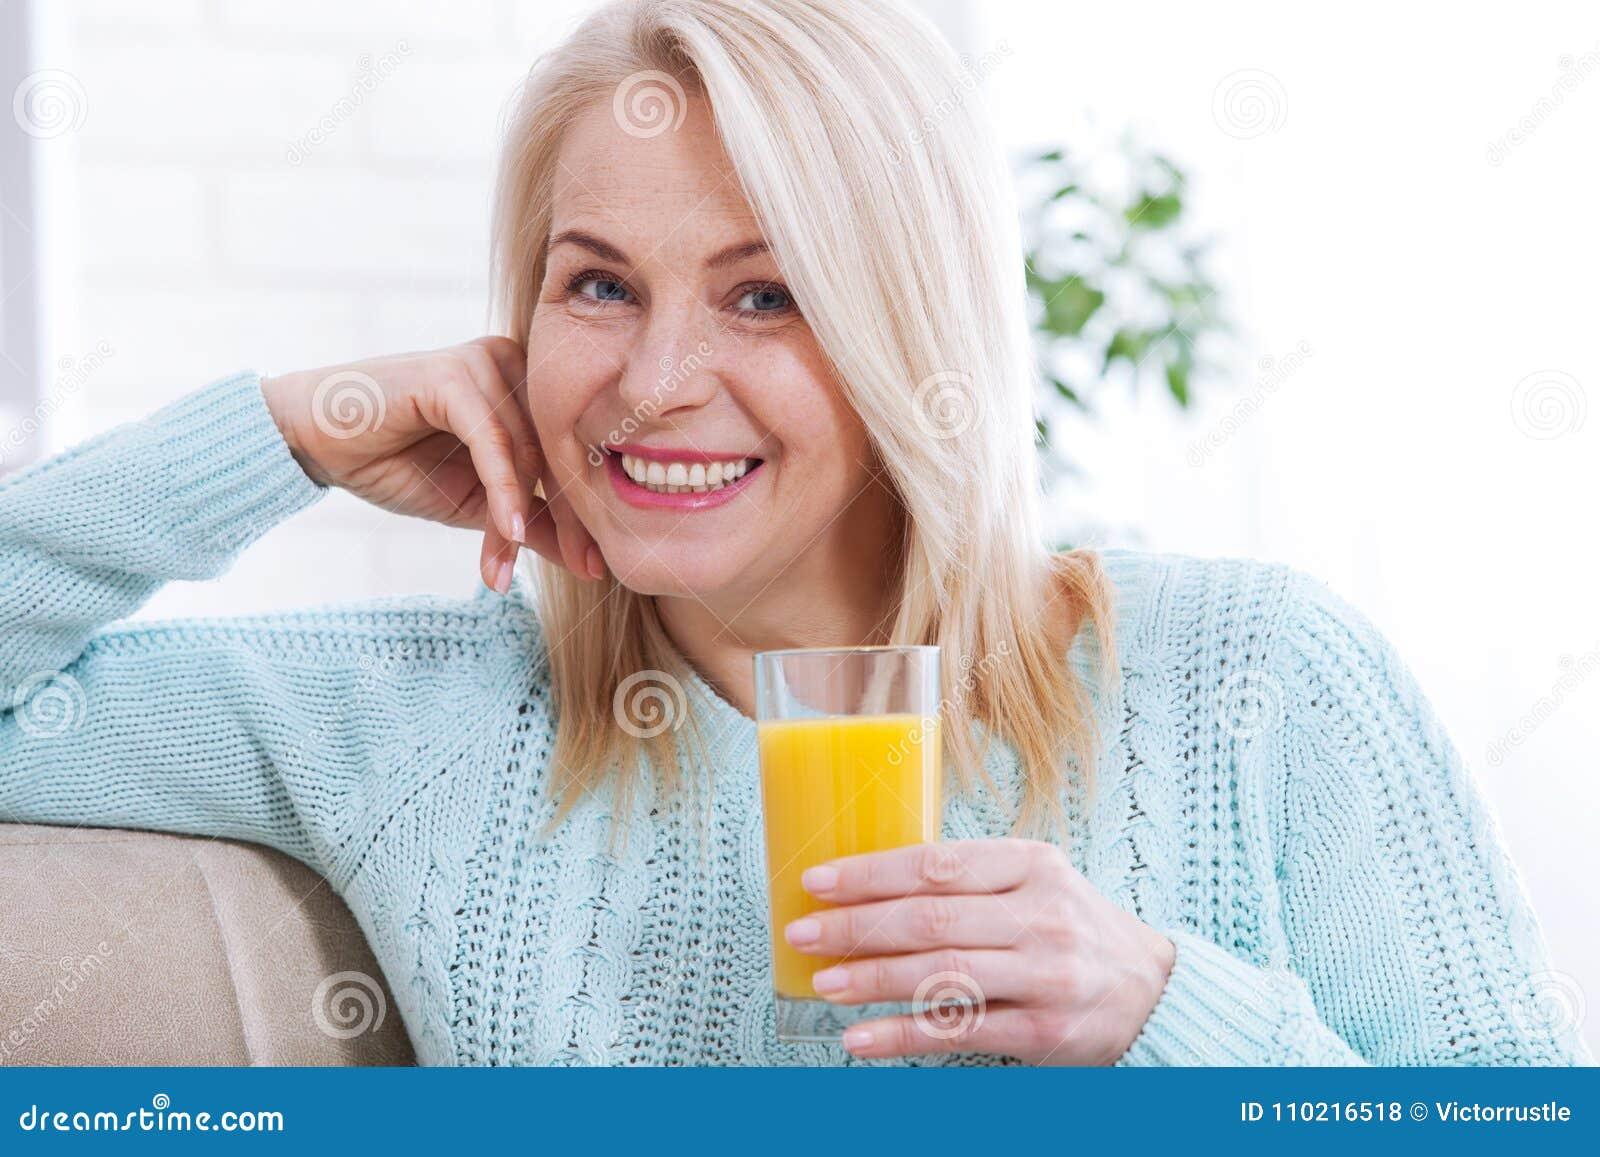 drink model Adult